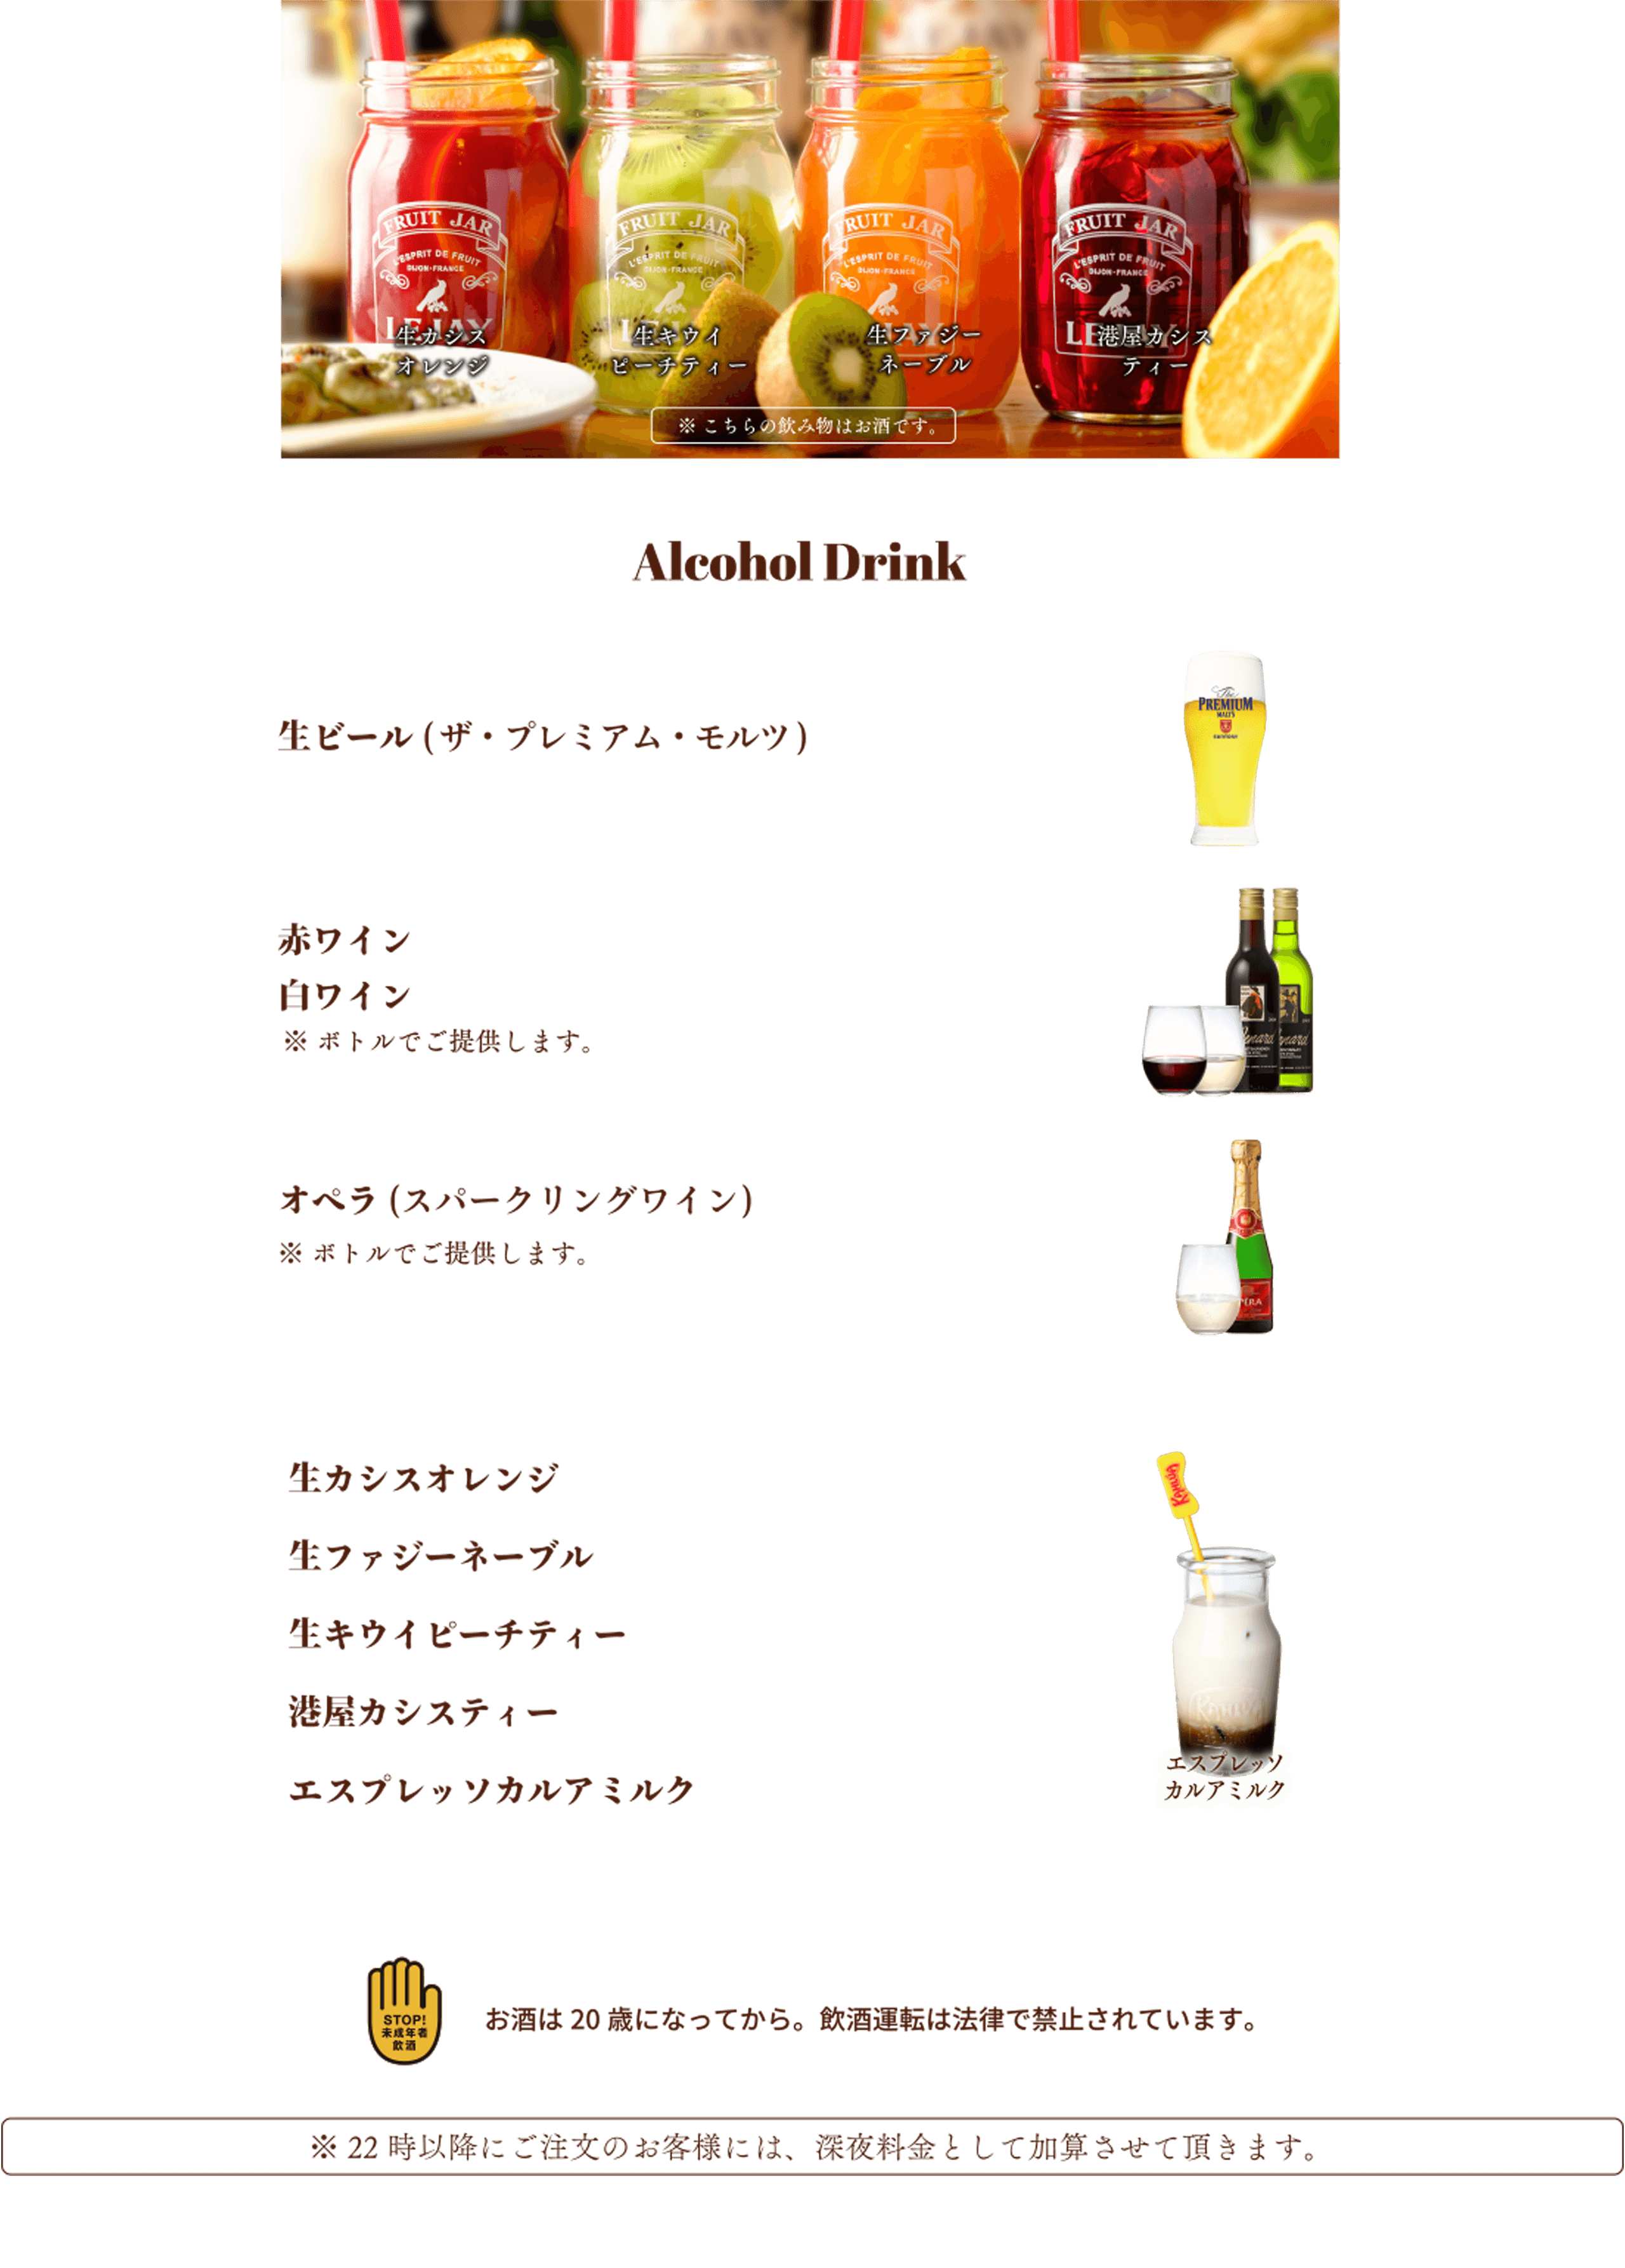 アルコール部分画像